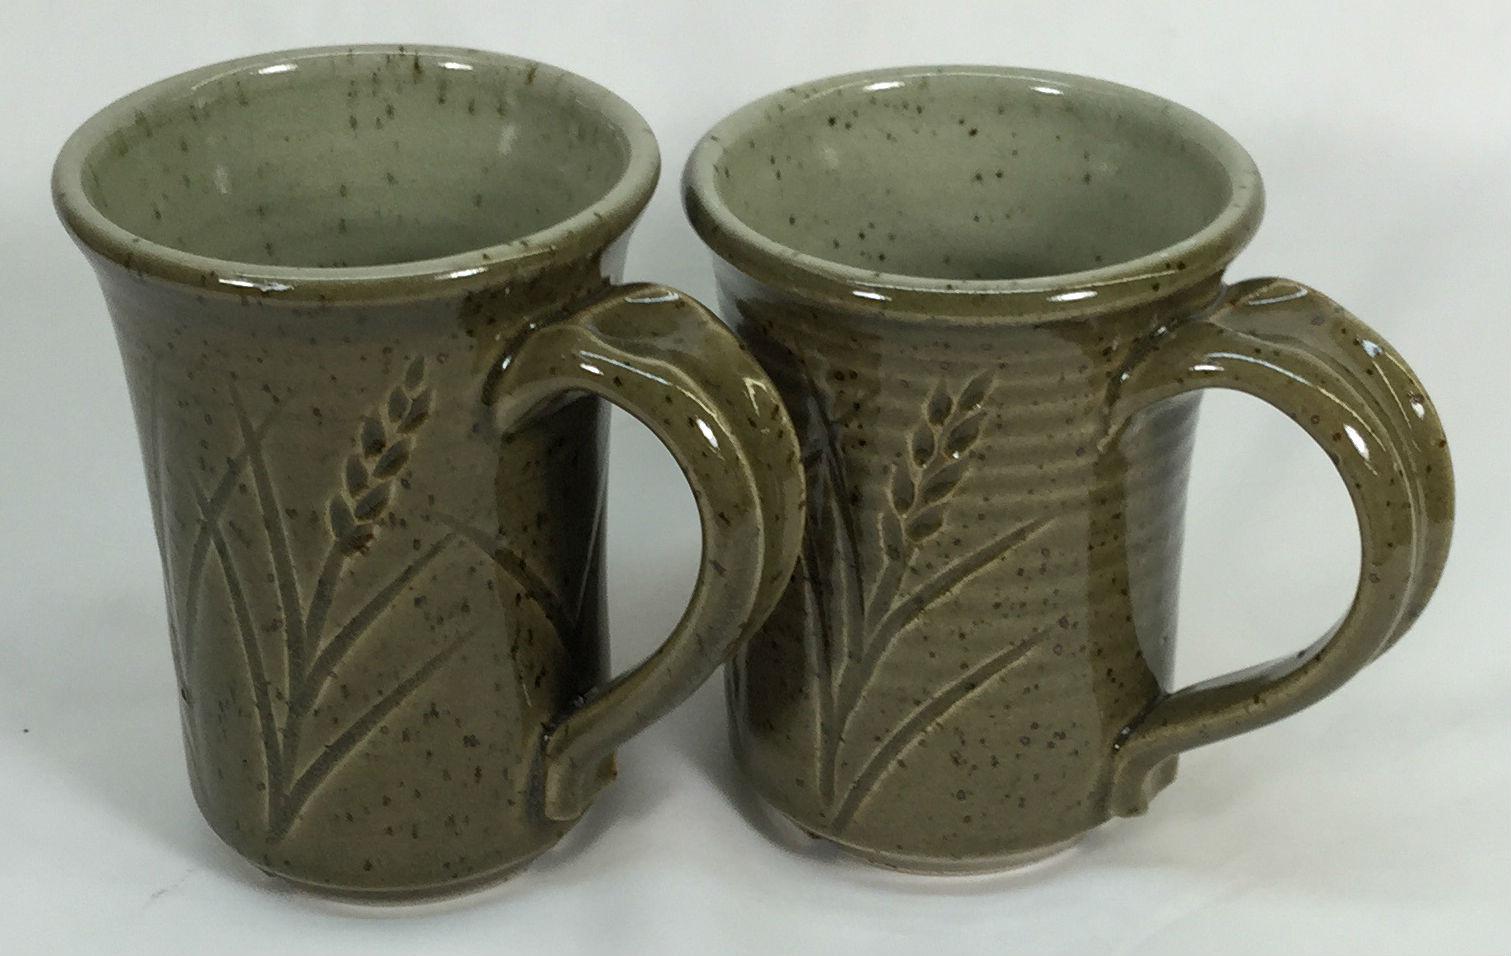 Plainsman H450 (left) vs. H550 celadon glazed mugs